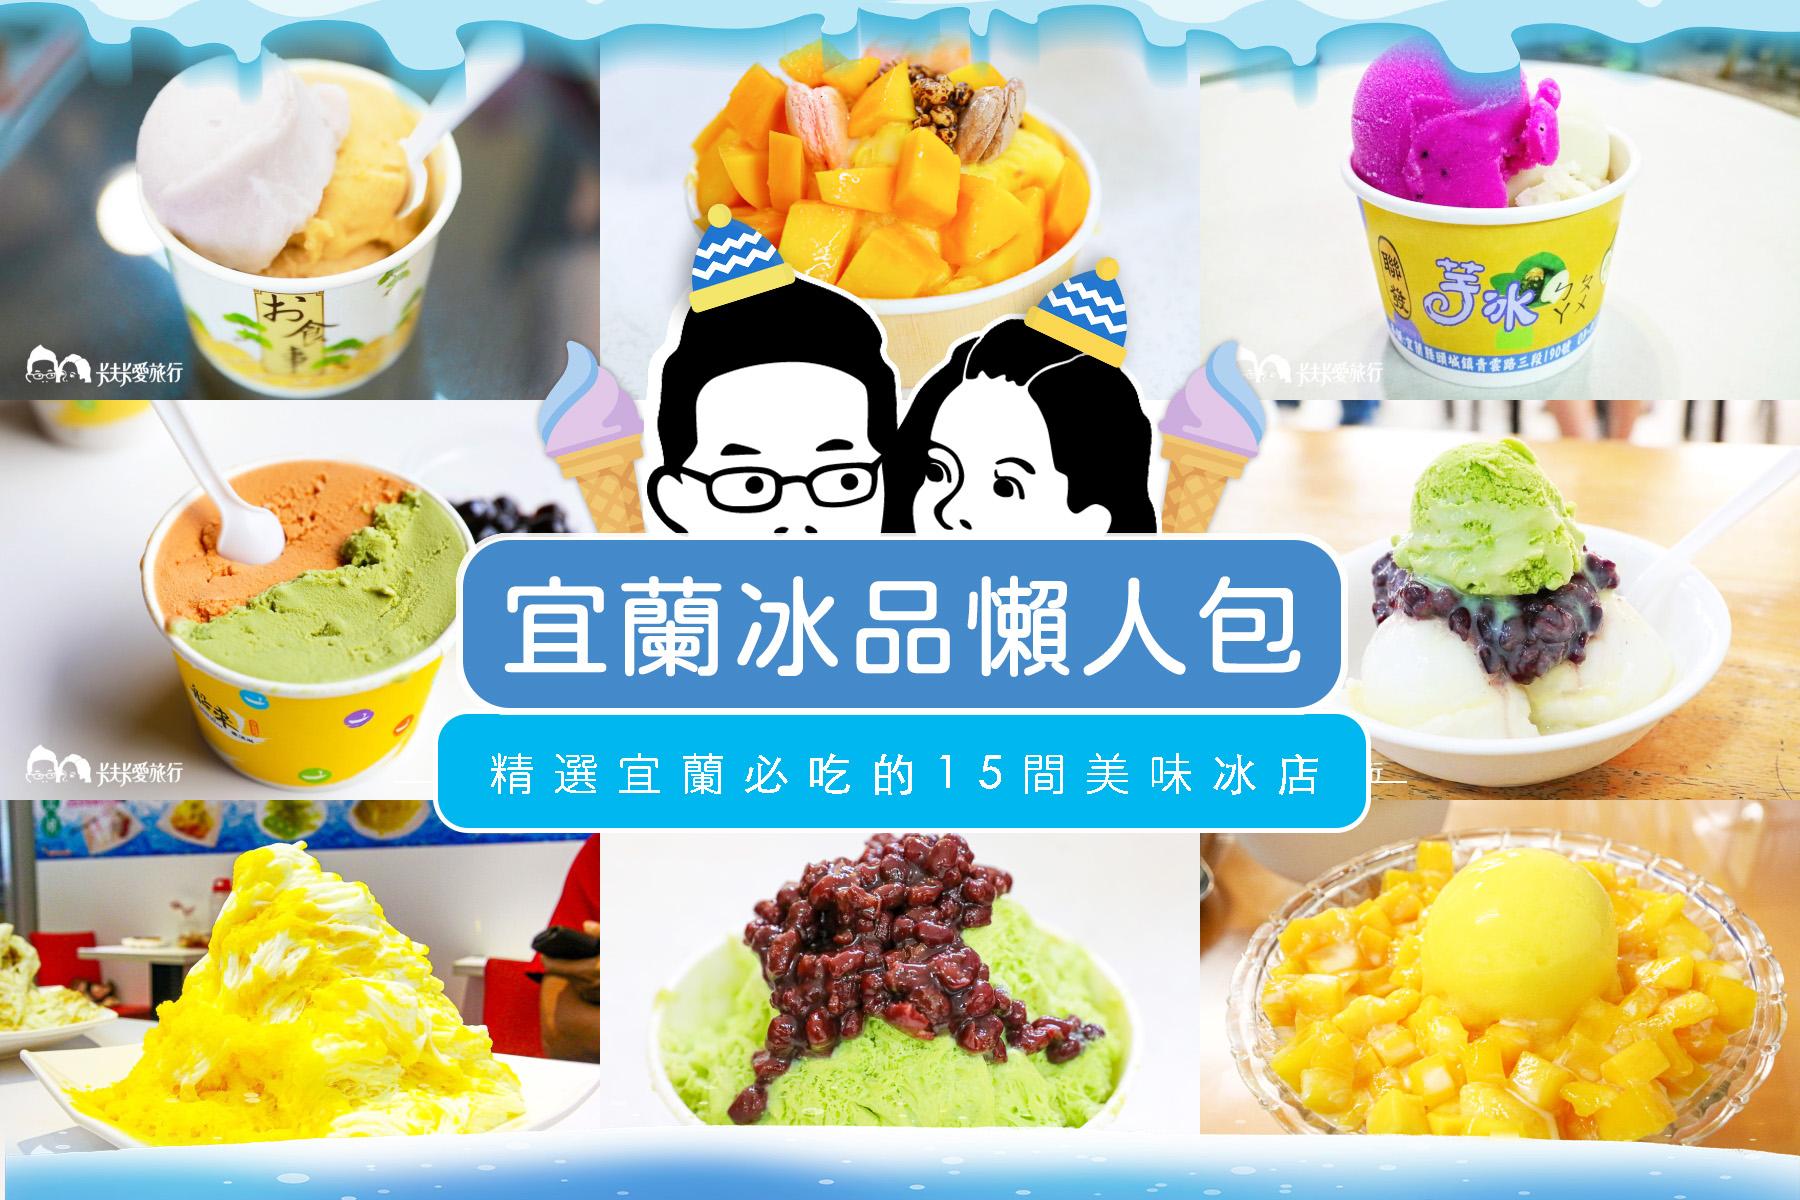 宜蘭冰店推薦|宜蘭人最愛15間冰品冰淇淋懶人包|冰棒雪花冰剉冰搖搖冰芒果冰